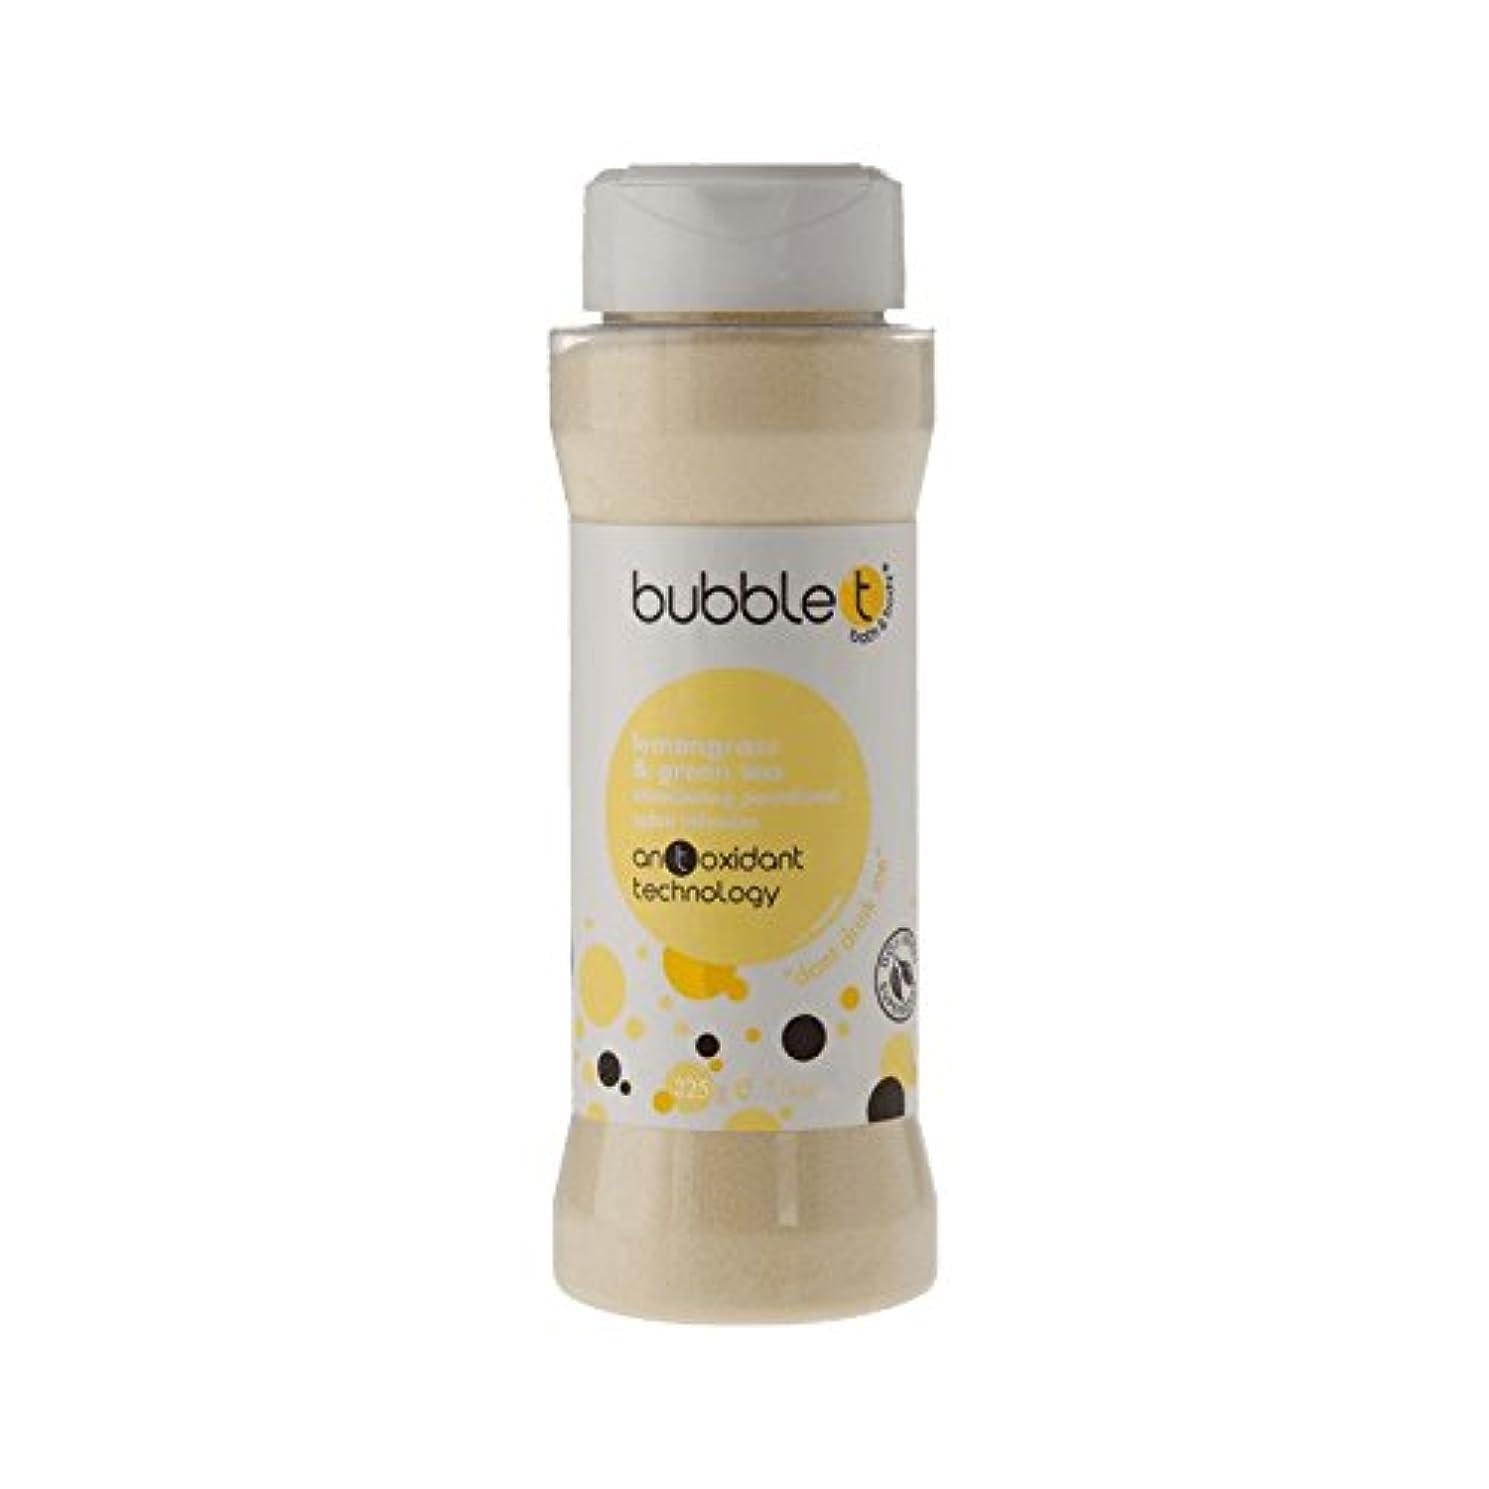 増幅器尊敬磁器バブルトン風呂スパイス注入レモングラス&緑茶225グラム - Bubble T Bath Spice Infusion Lemongrass & Green Tea 225g (Bubble T) [並行輸入品]